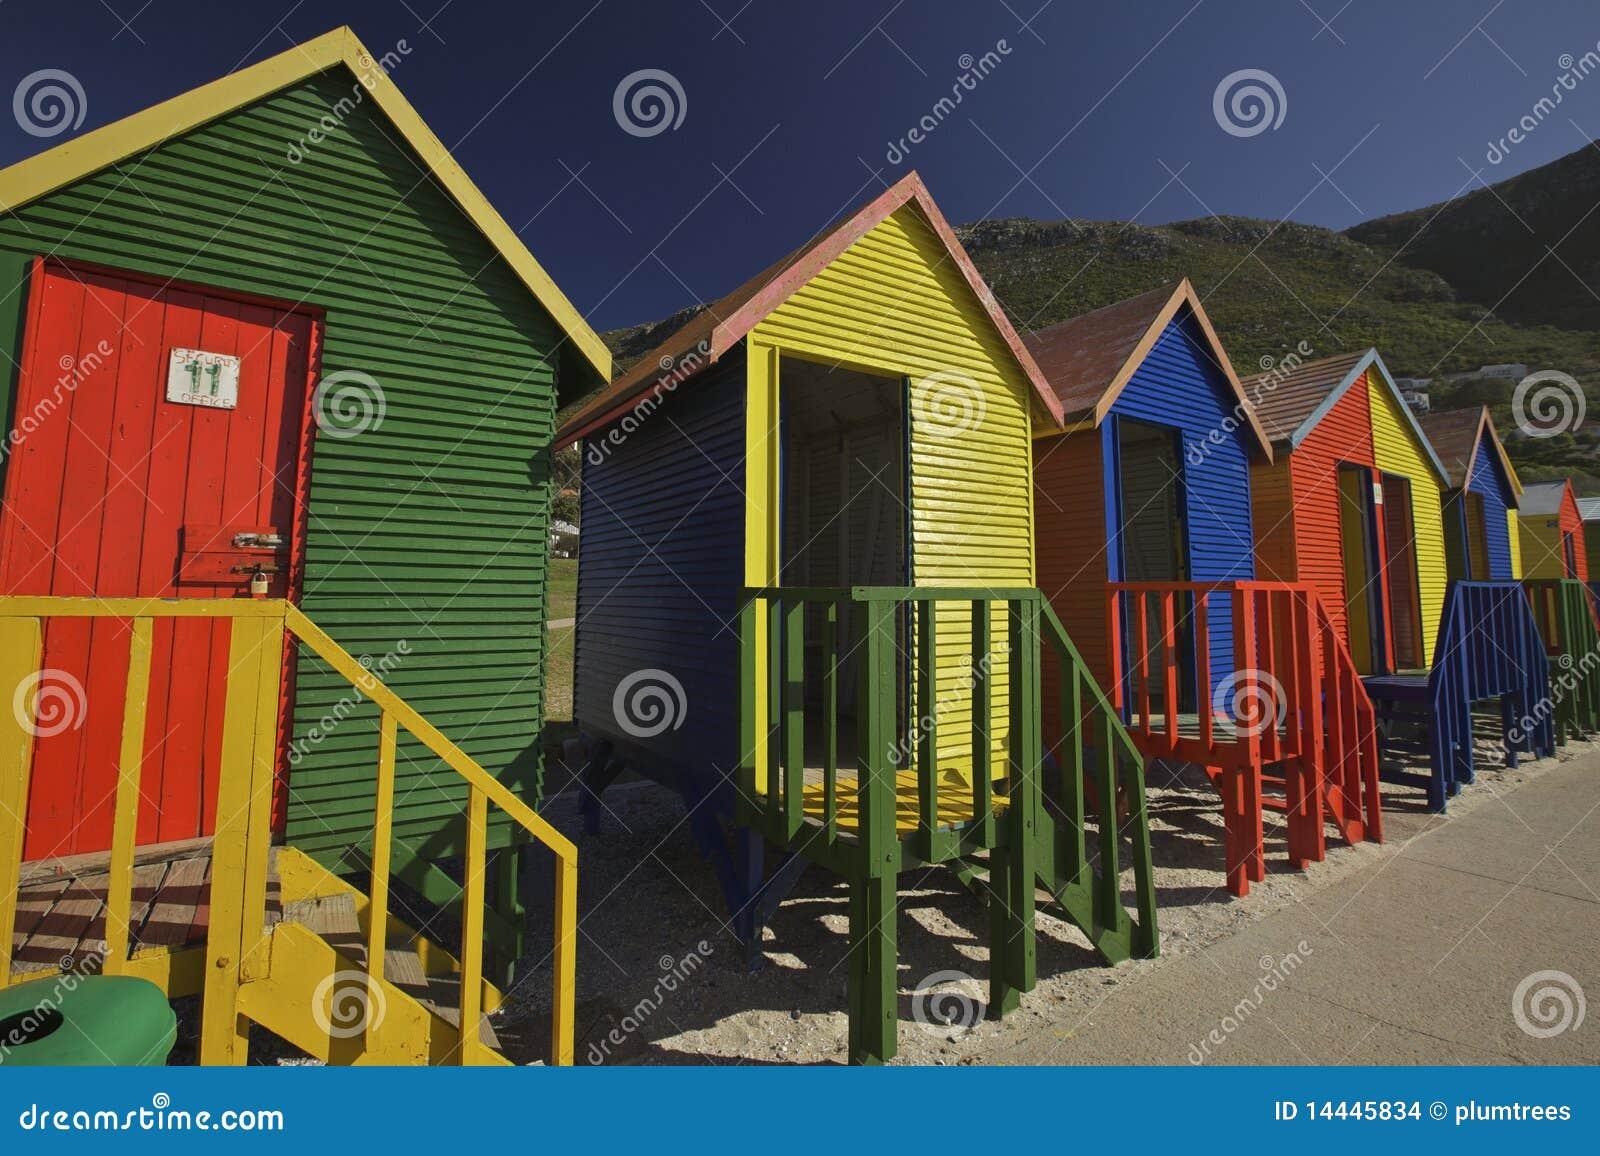 Cabine cambianti di legno alla spiaggia citt del capo for Cabine di legno di whitetail